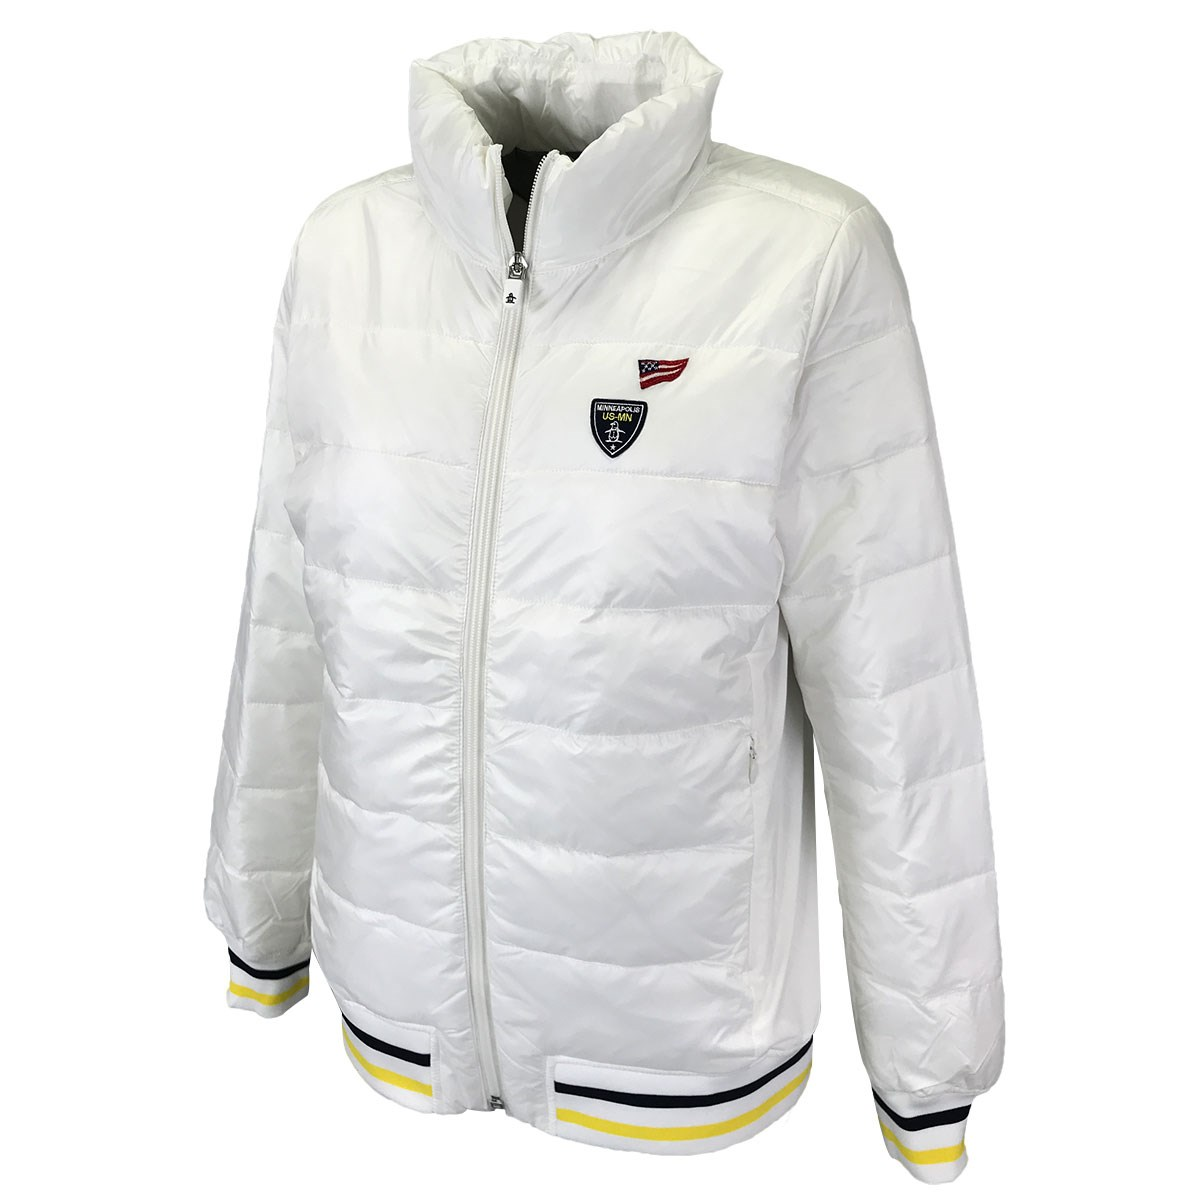 マンシングウェア Munsingwear プリマロフト中綿ブルゾン LL ホワイト 00 レディス